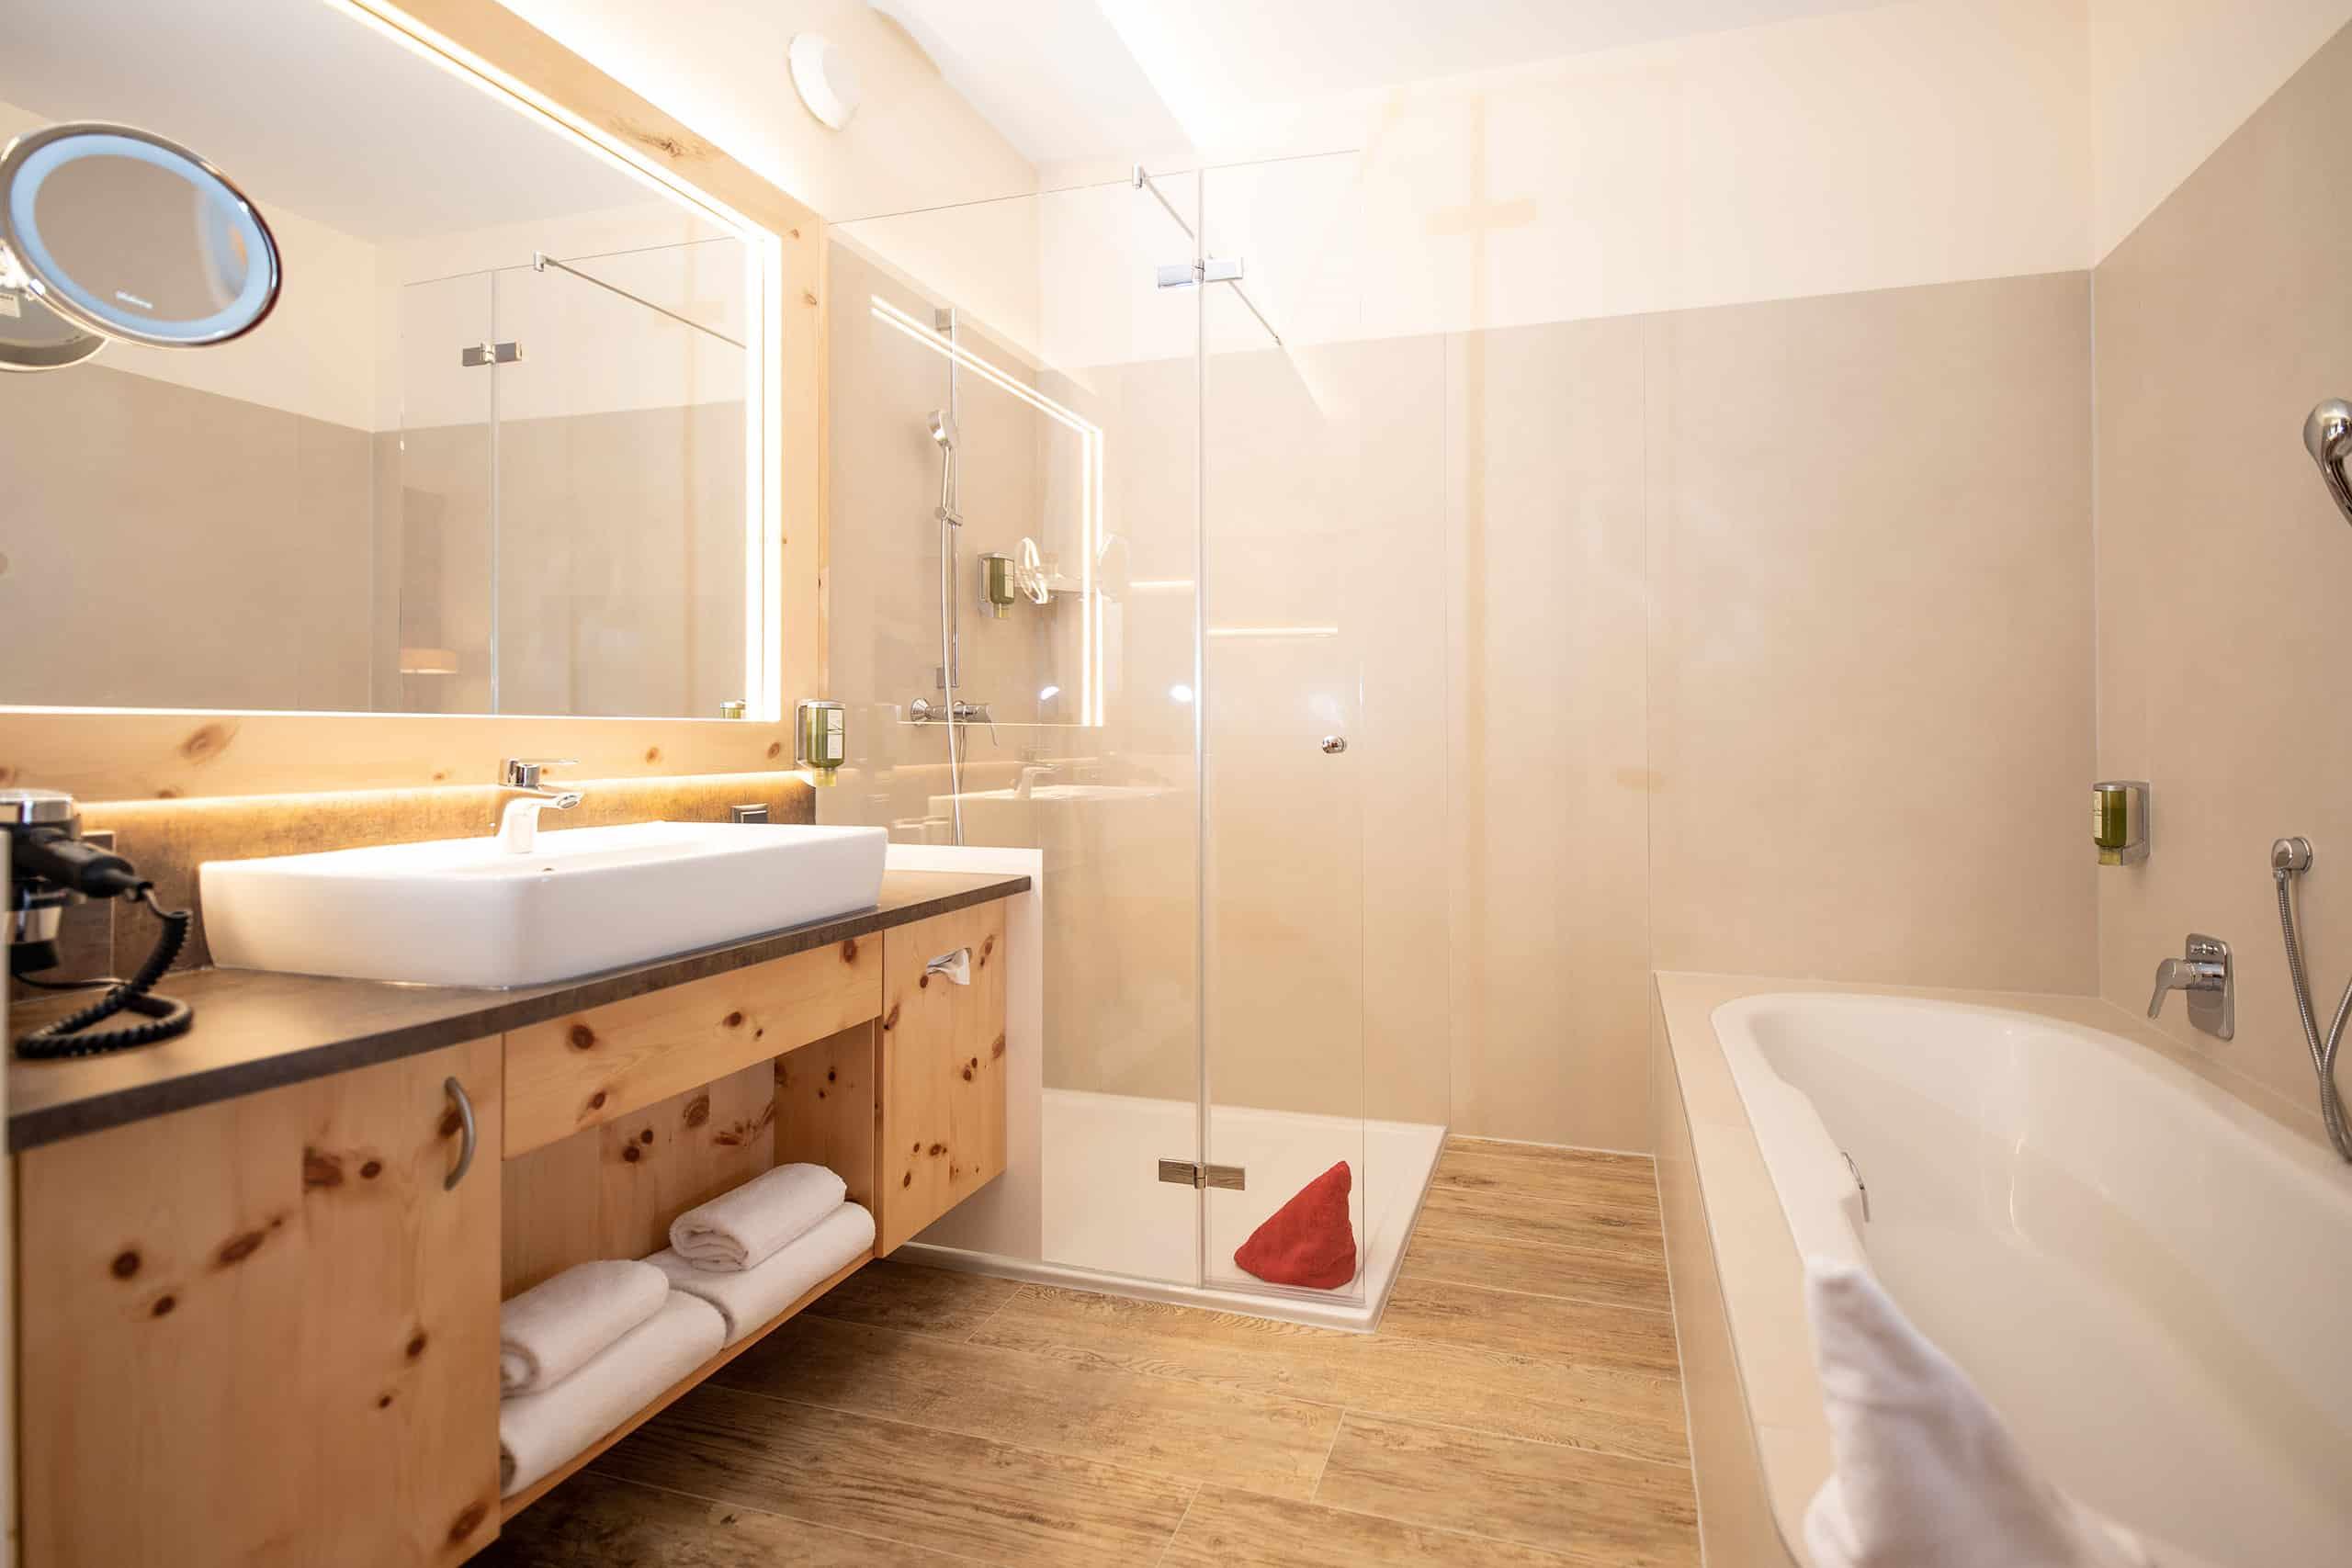 conversory-puchasplus-zirben-romantik-plus-zimmer-badezimmer-badewanne-ambiente